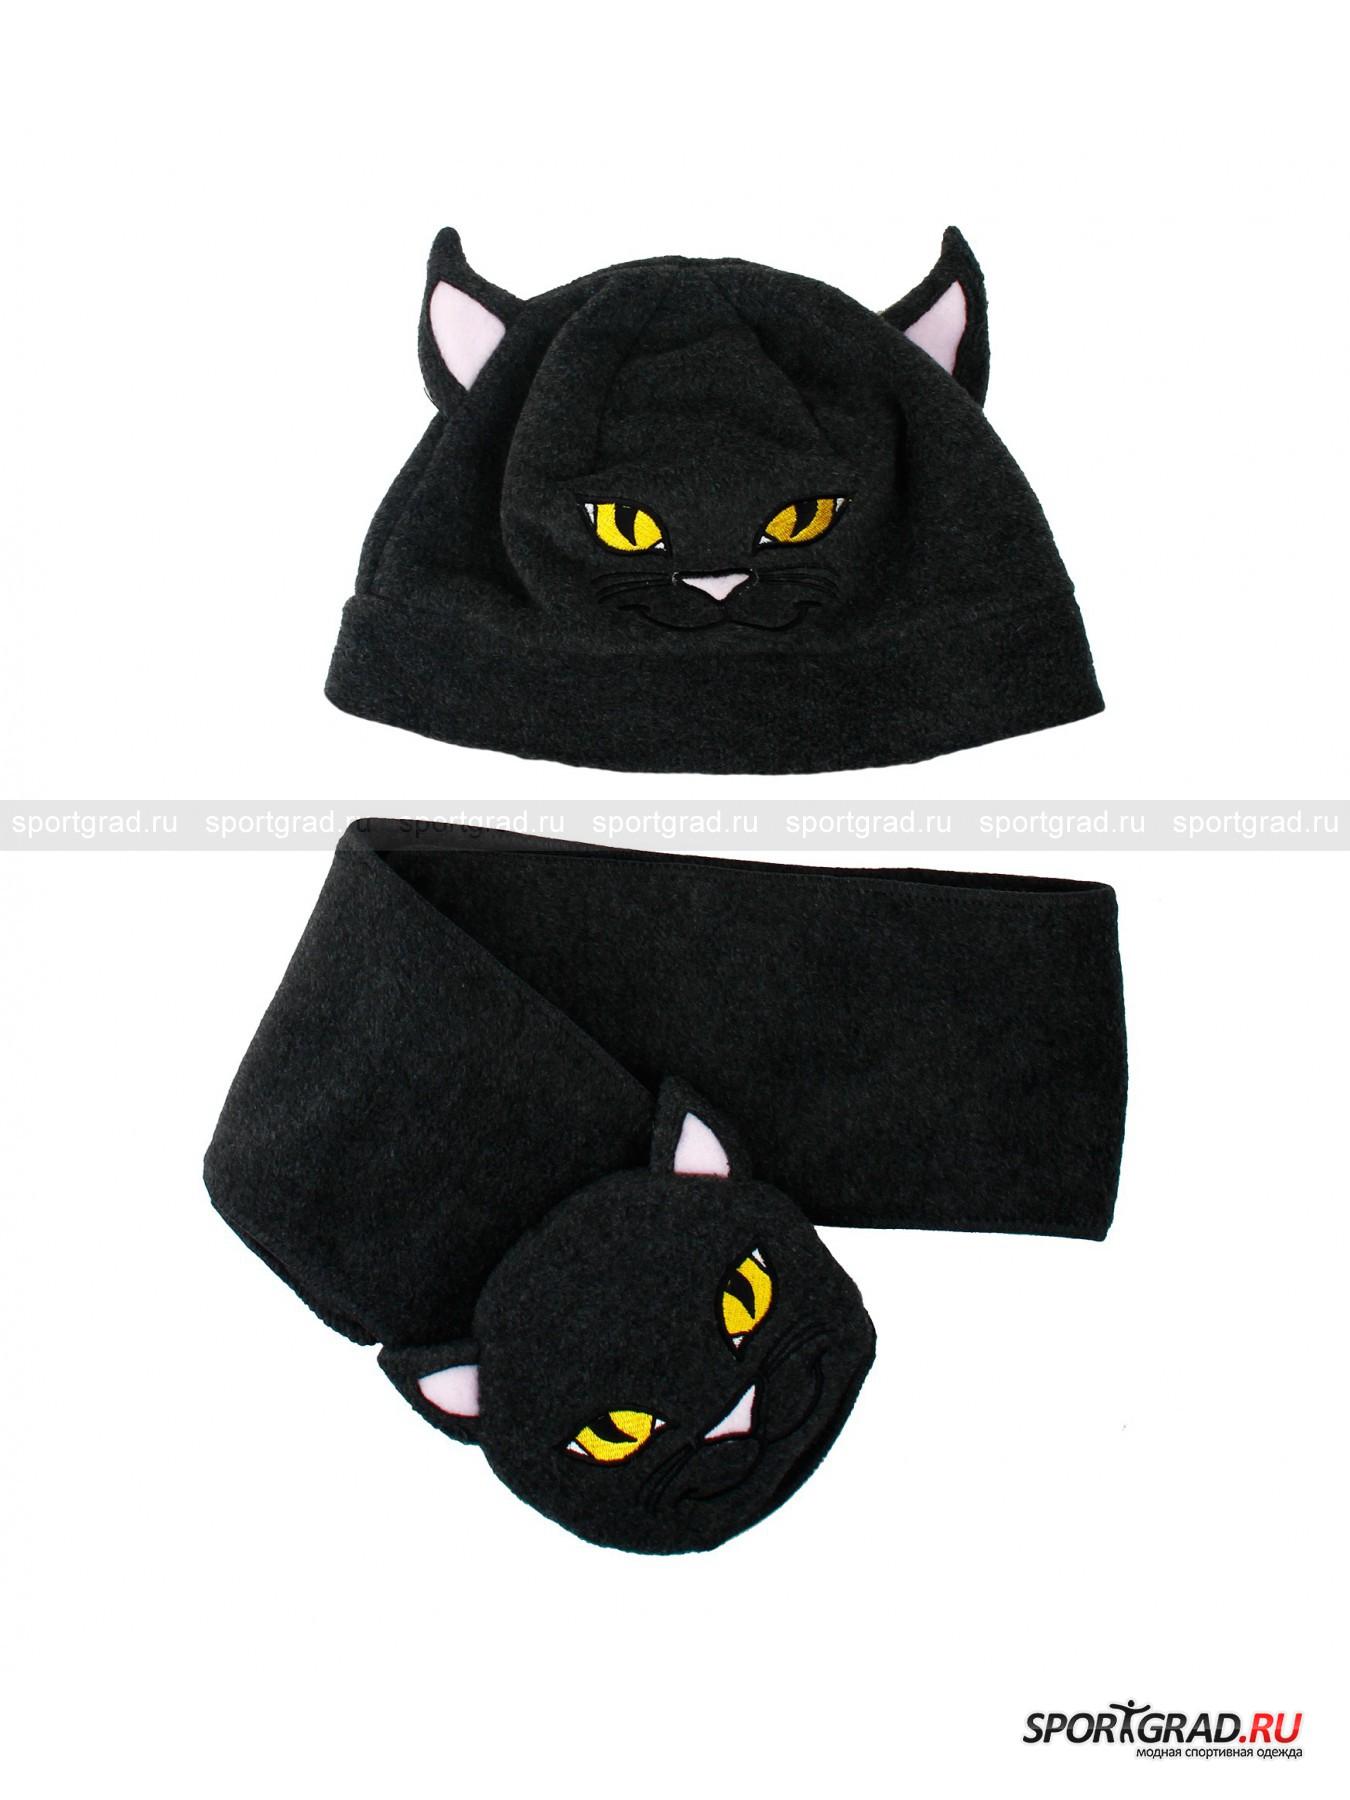 Комплект для детей шапка+шарф в прозрачном тубусе Kit Animal INVICTA от Спортград